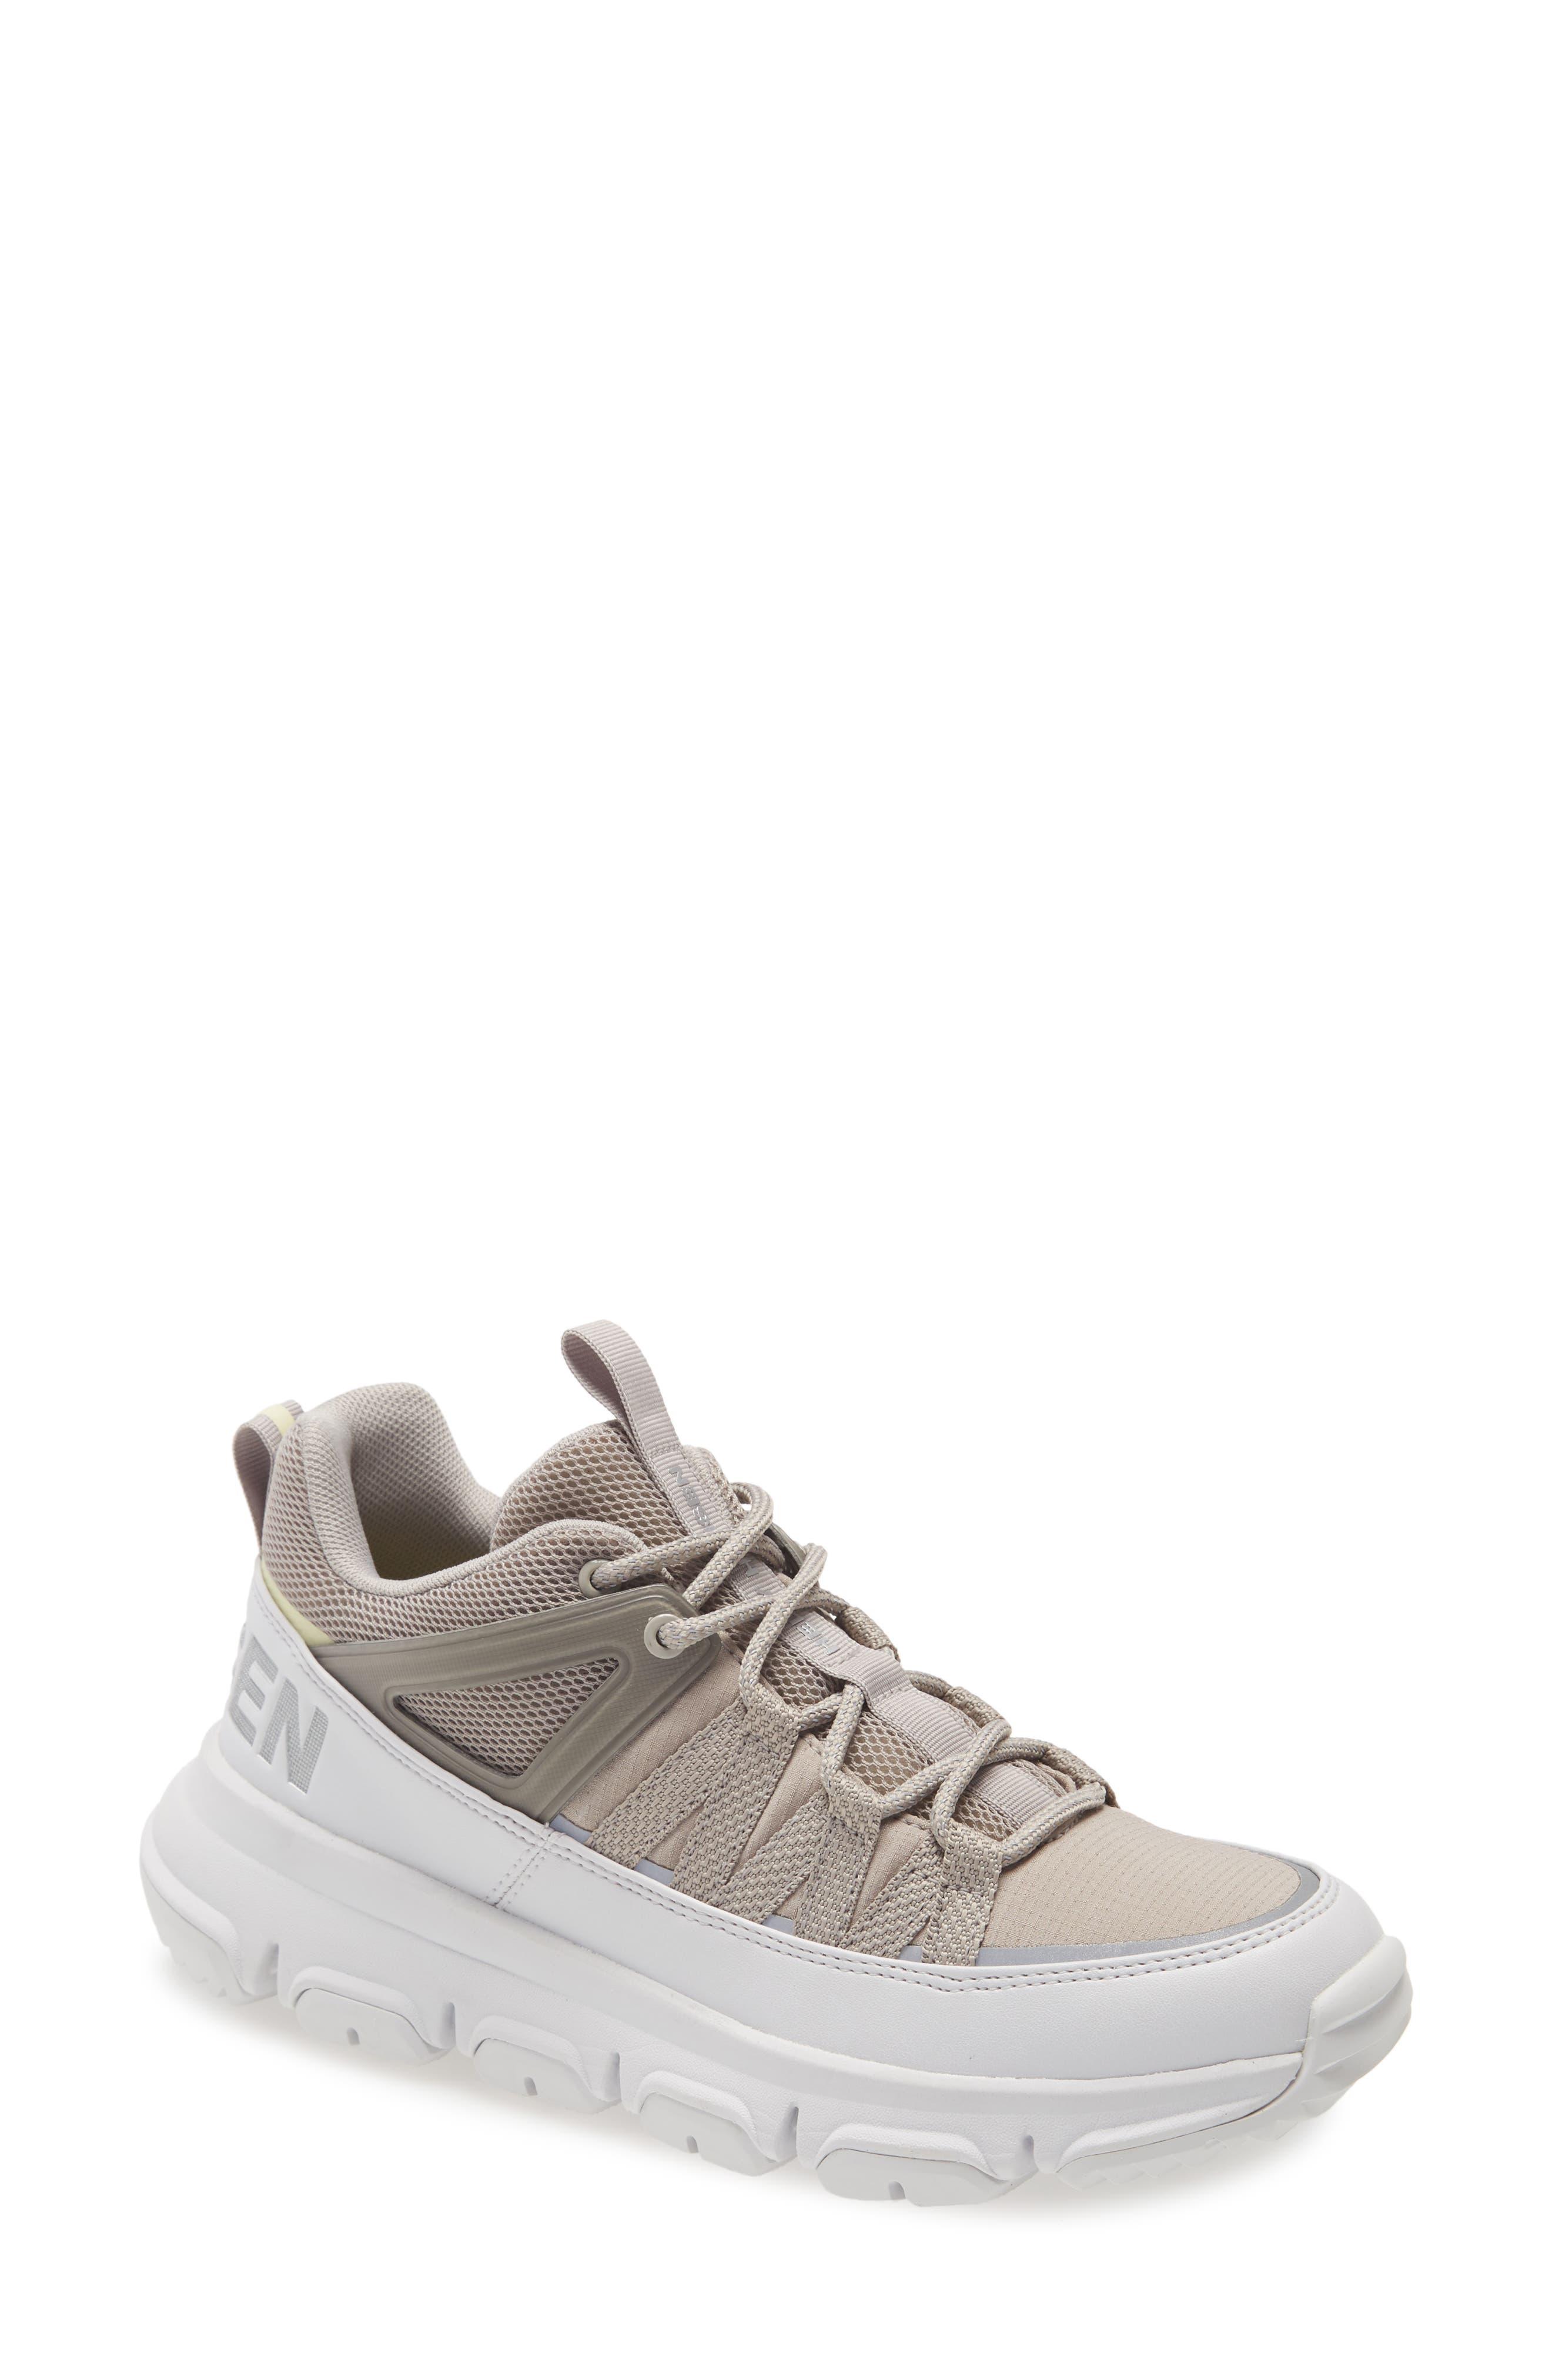 Lumineer Viz Lite Sneaker